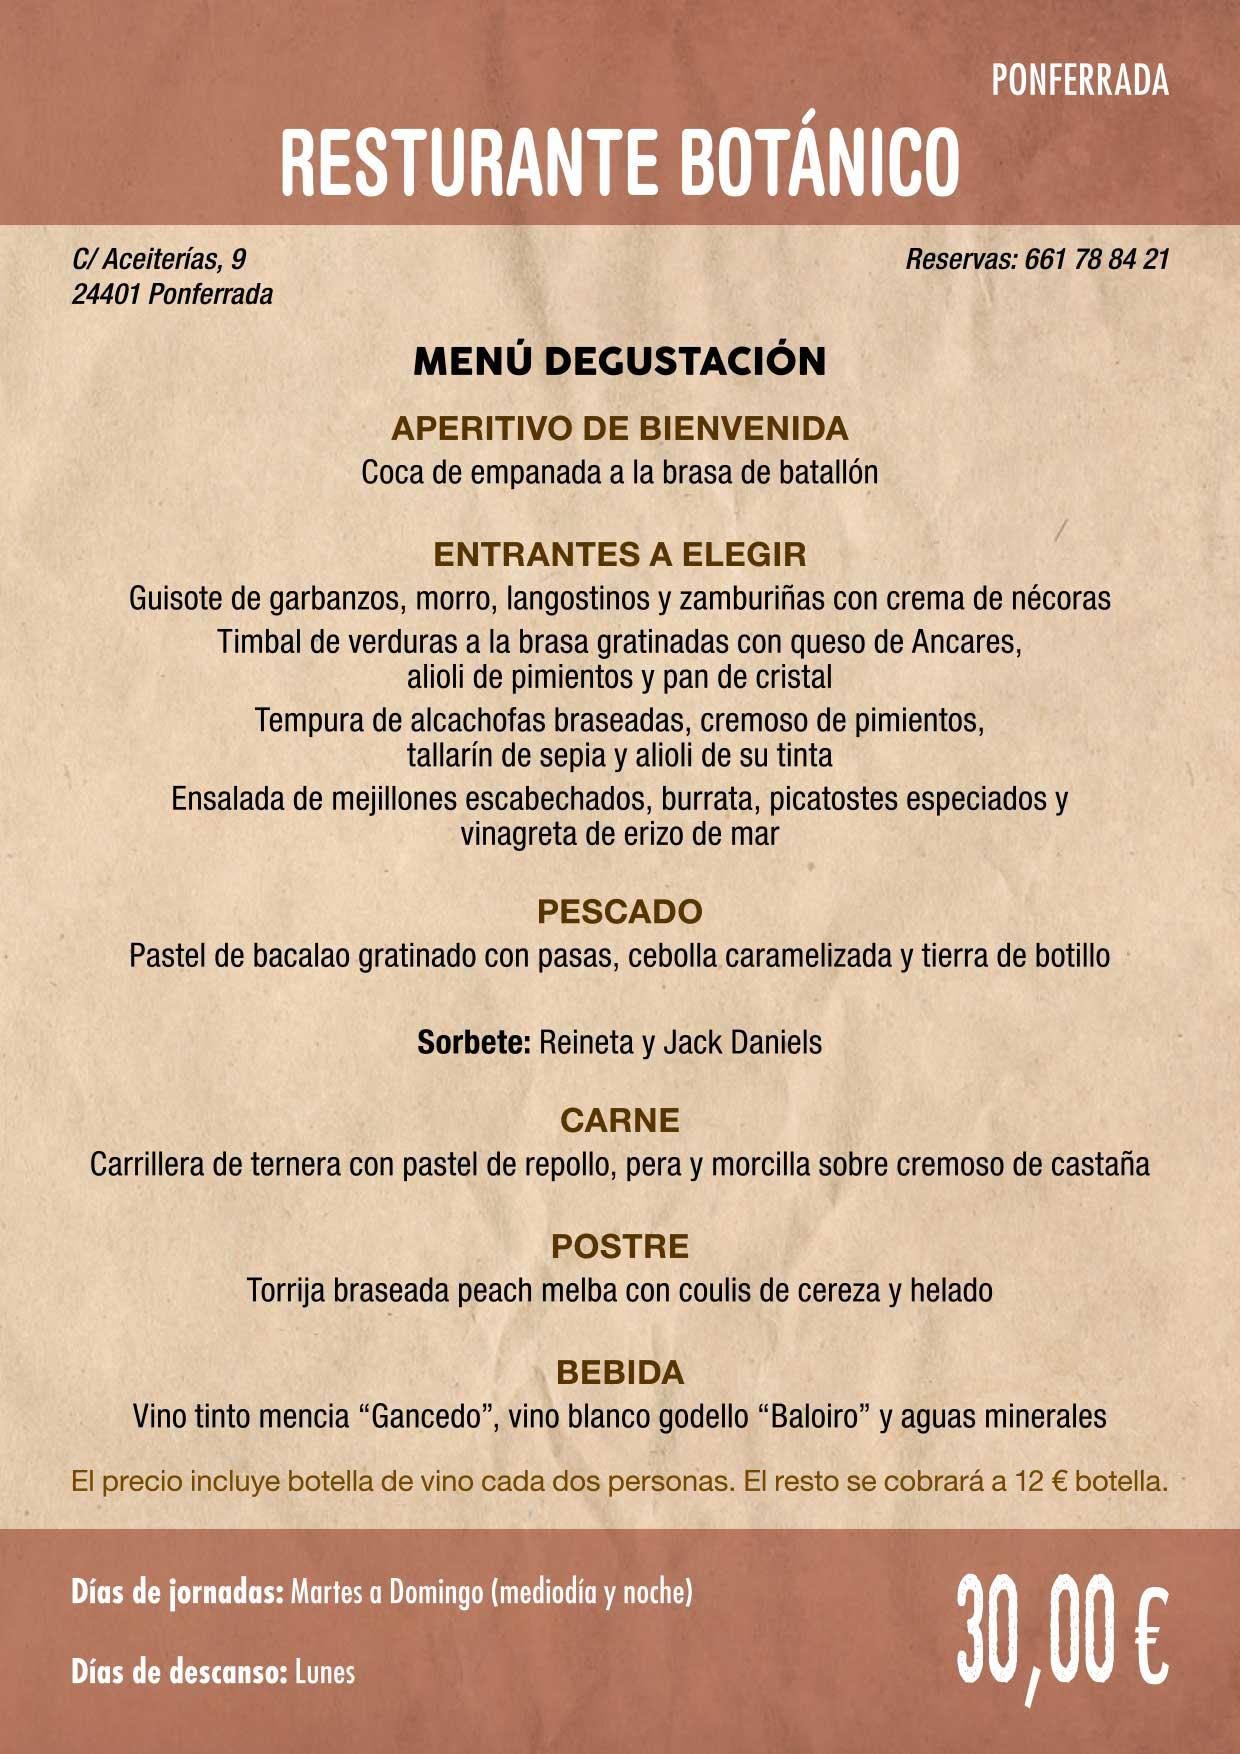 XXXVI Jornadas Gastronómicas De El Bierzo 2020. Consulta los restaurantes y menús 15